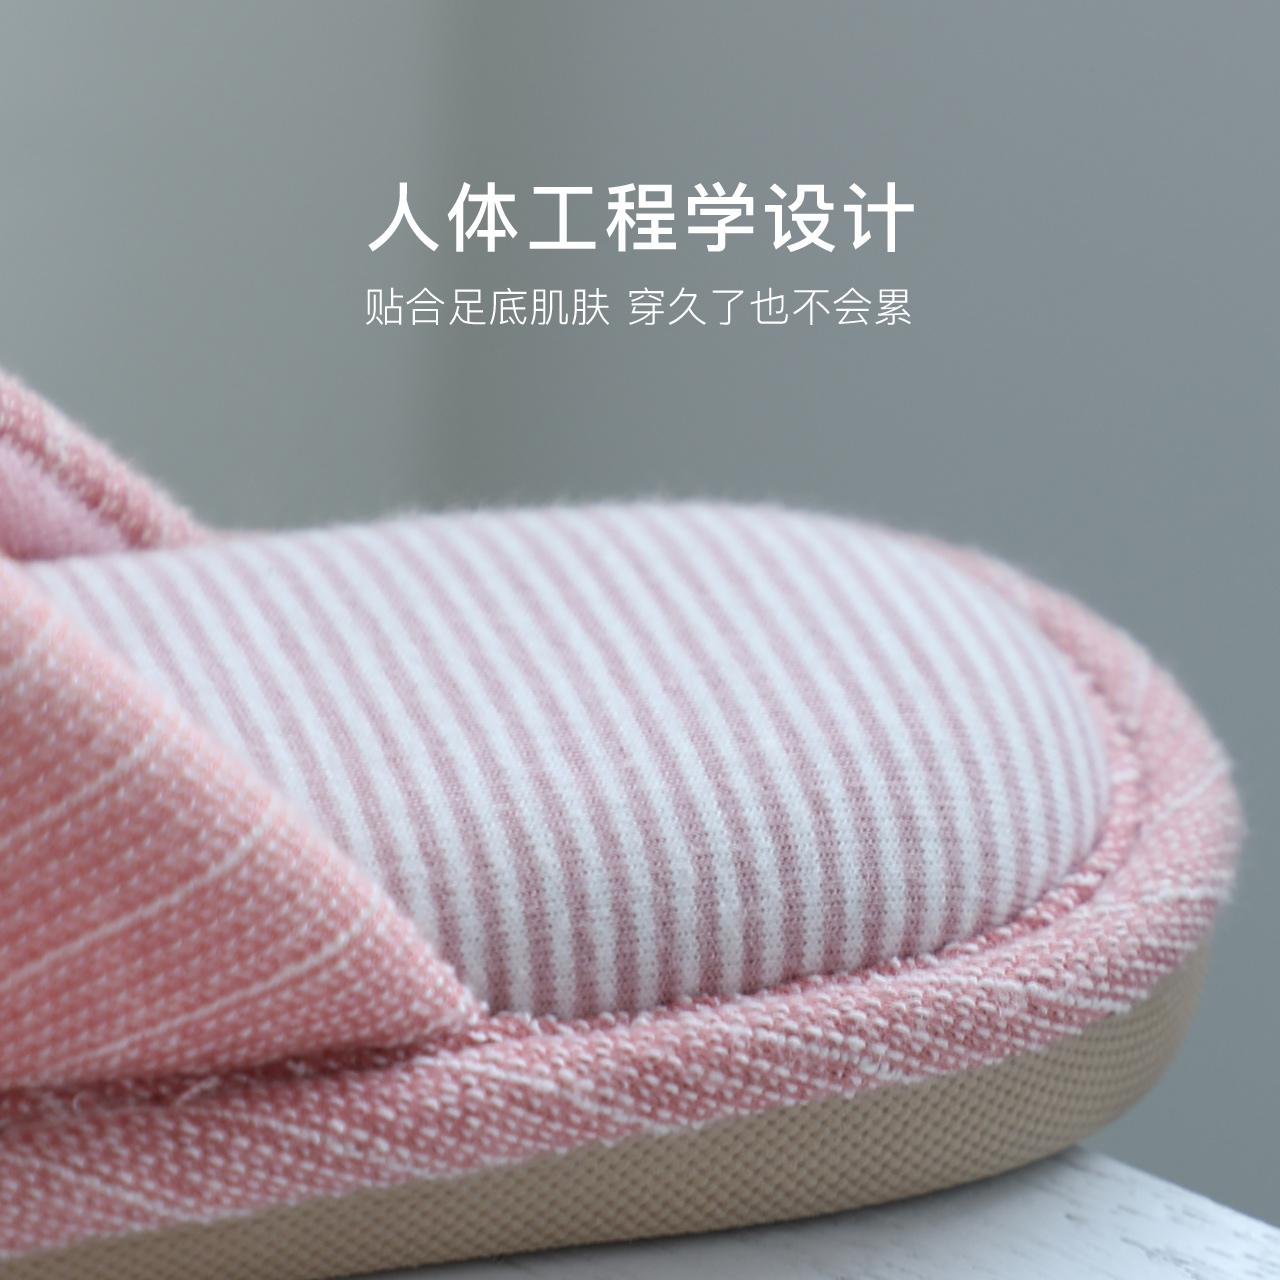 朴西 日式家居室内保暖棉拖鞋男士 居家情侣防滑无声地板拖鞋女冬